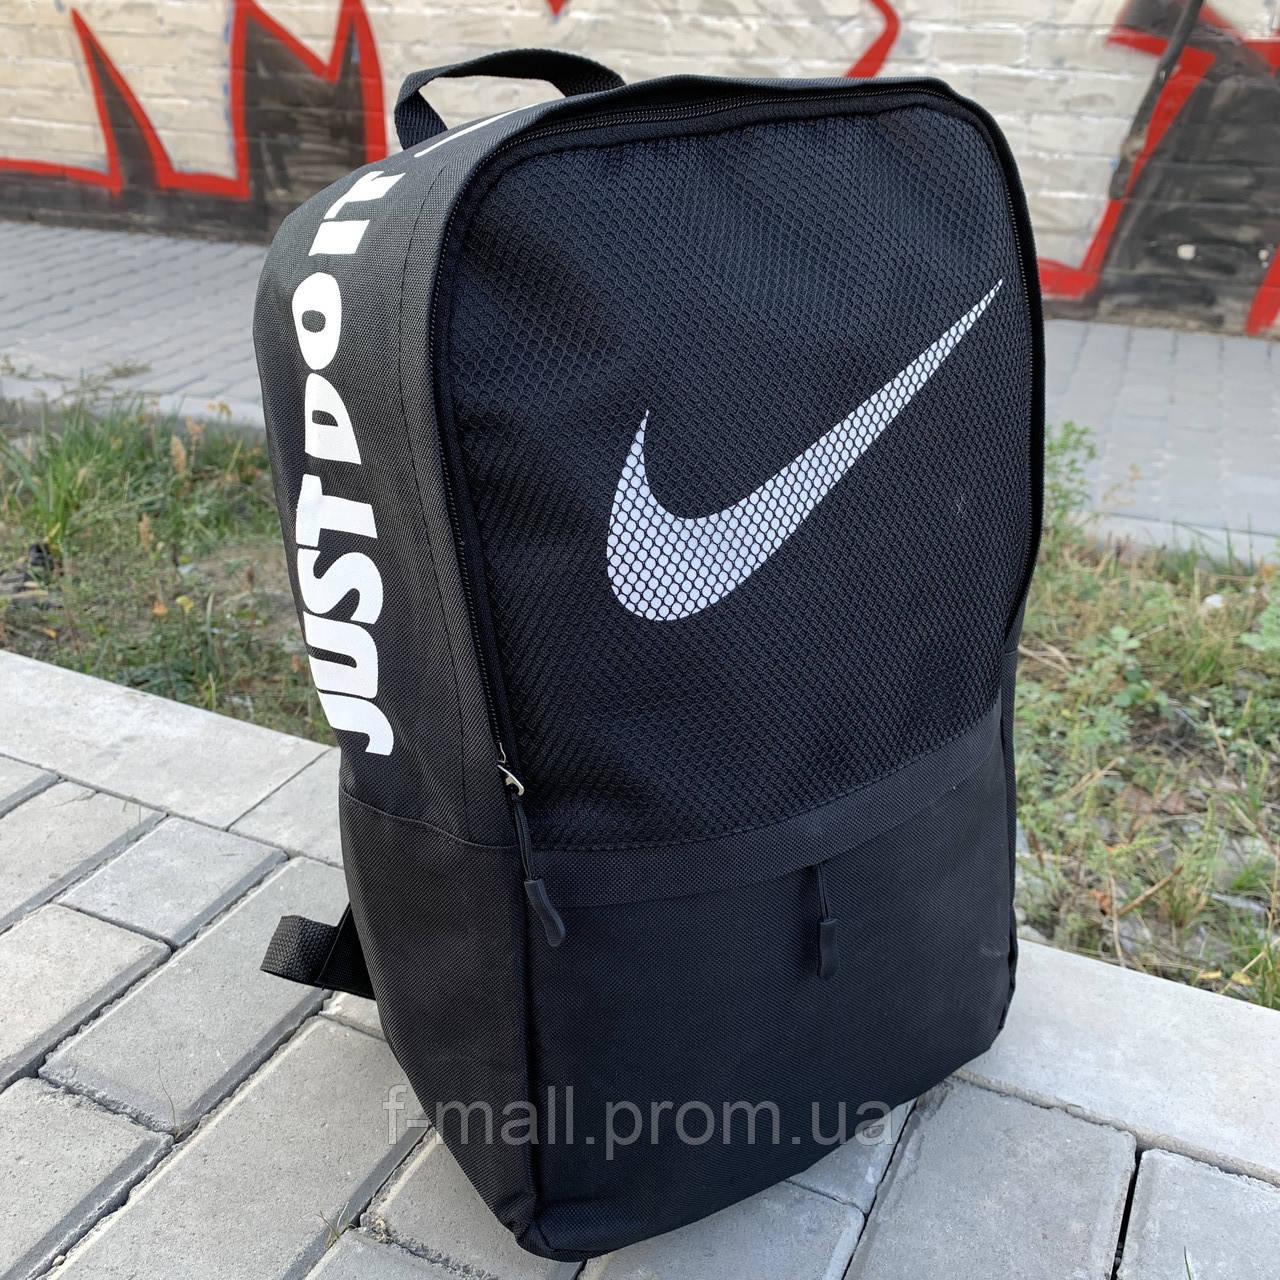 Стильный спортивный городской рюкзак Nike черный текстиль 25л.